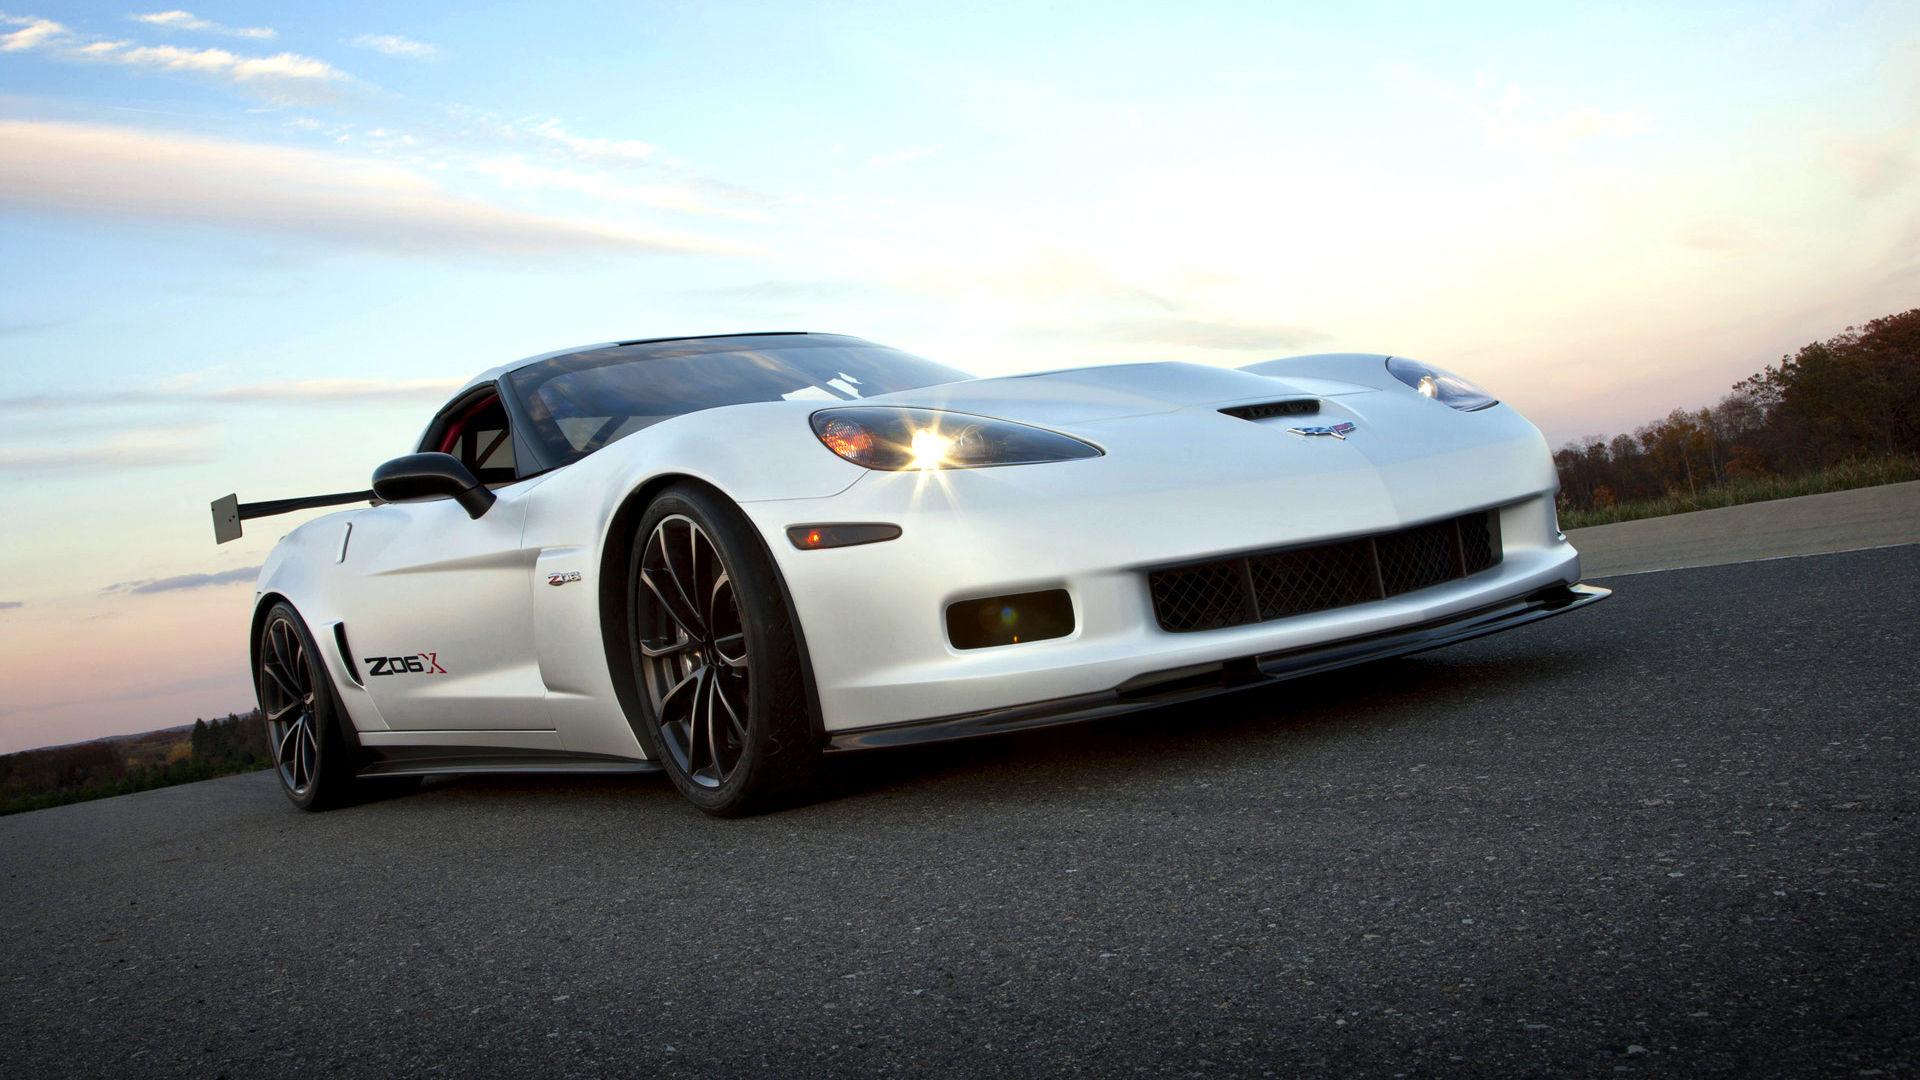 2011 Chevrolet Corvette Z06X Concept